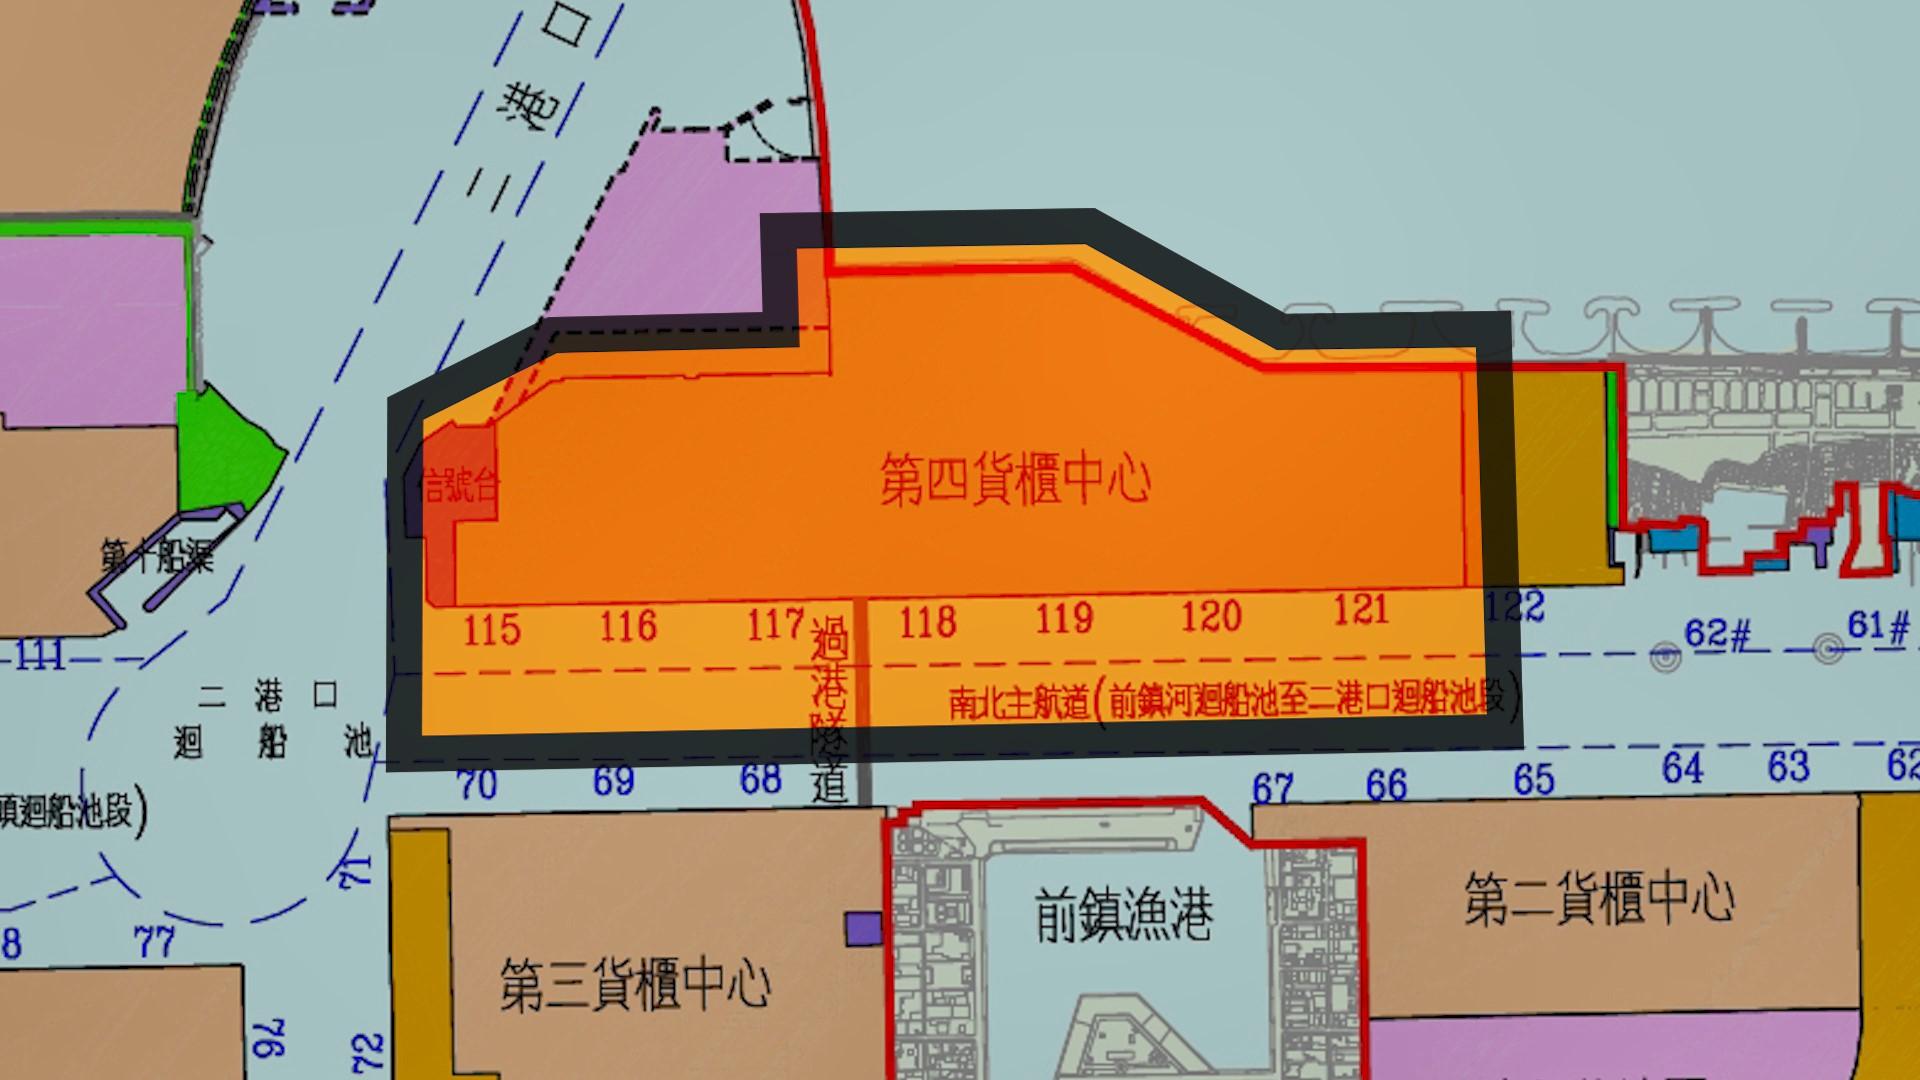 高雄港第四貨櫃中心位於旗津中心商港區,共興建115-121號七座碼頭,水深14公尺。每座長320公尺